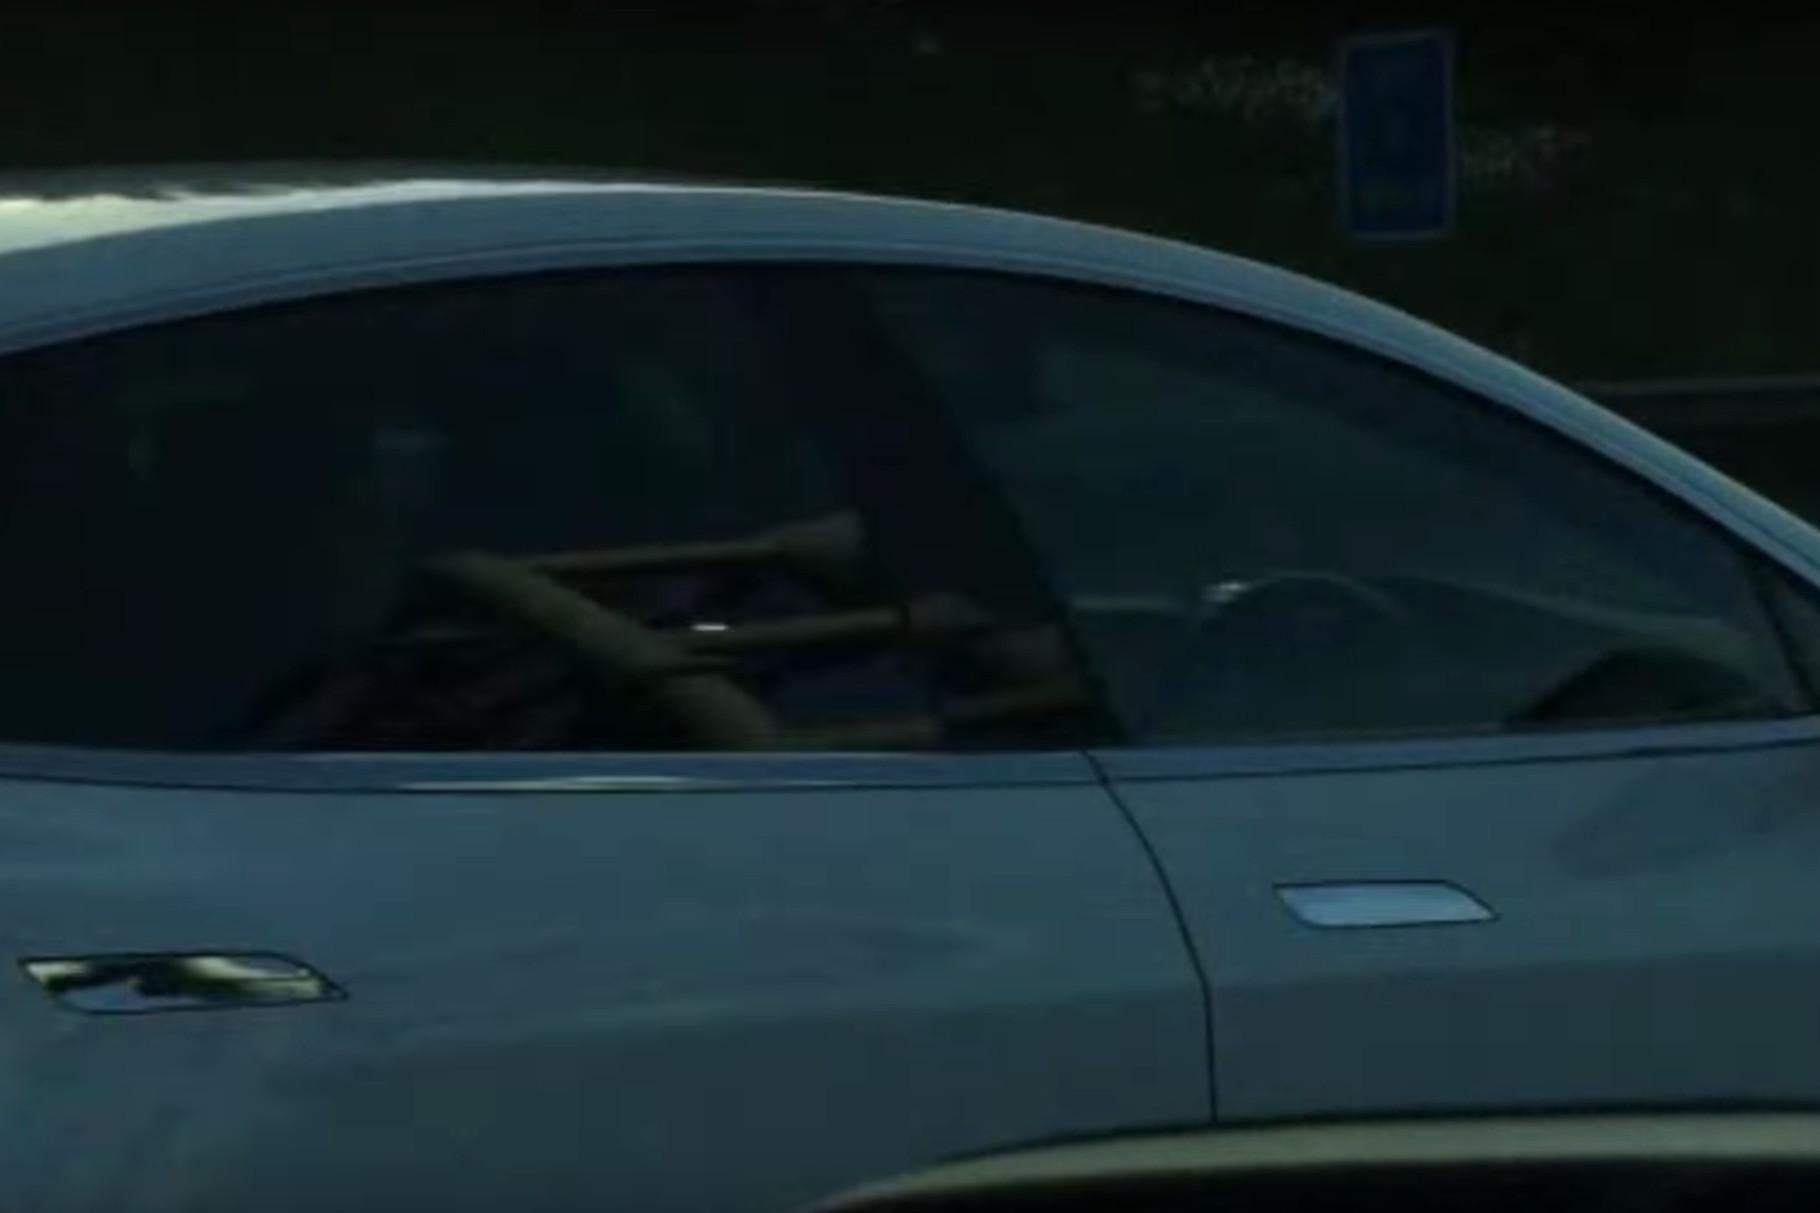 uyuyan tesla sürücüsü